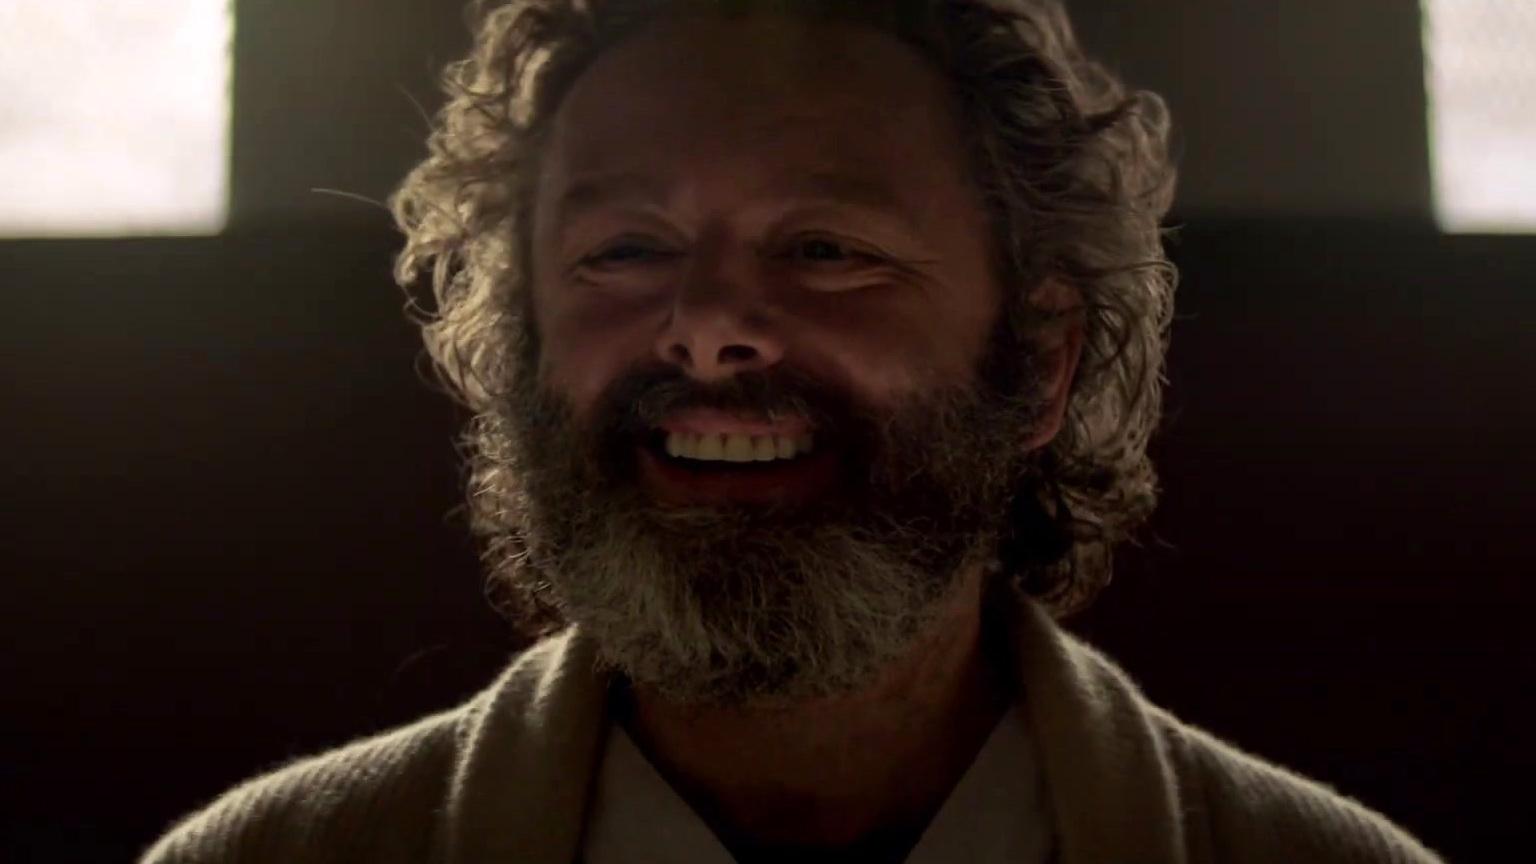 Prodigal Son - Season 1 Reviews ...